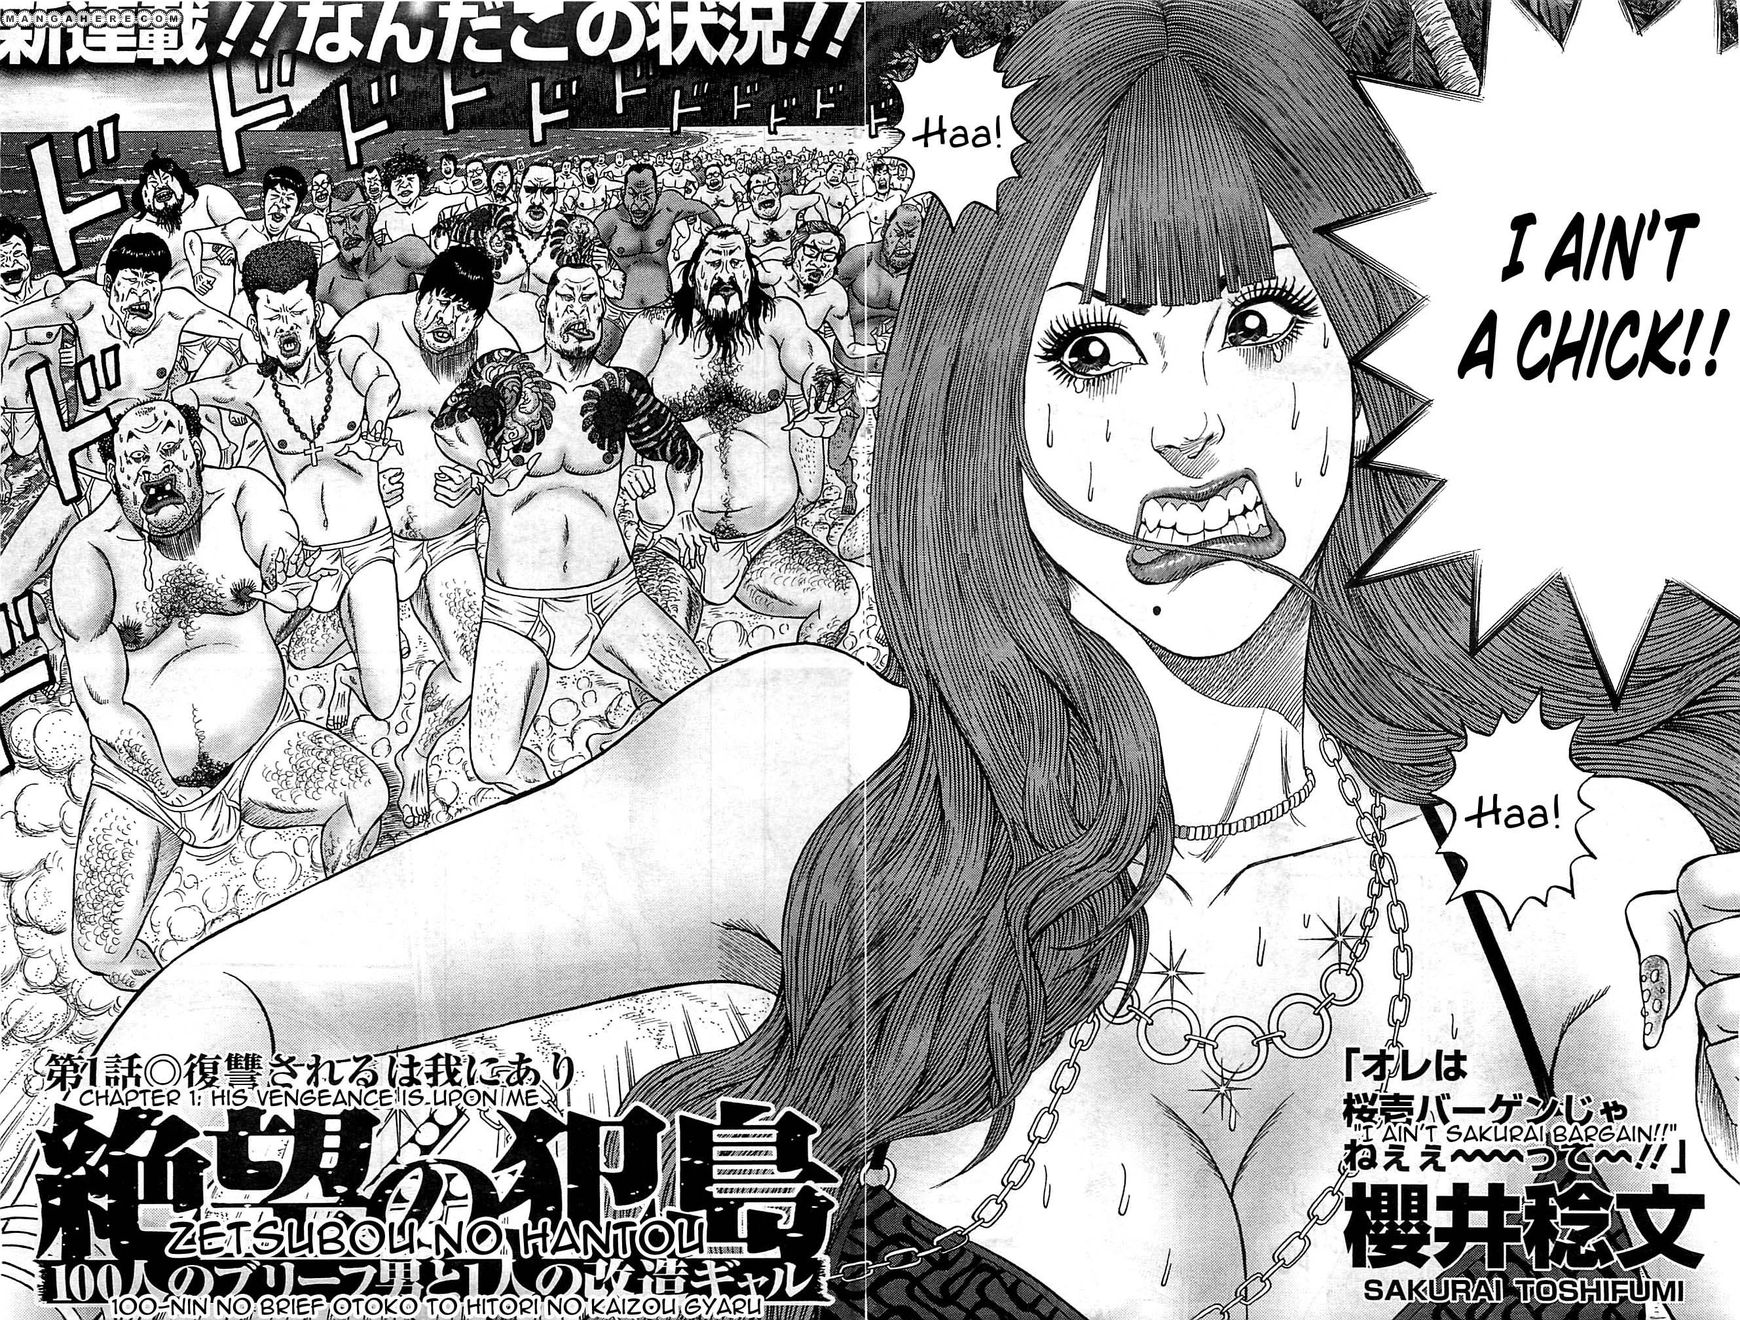 Zetsubou no Hantou - Hyakunin no Brief Otoko to Hitori no Kaizou Gal 1 Page 2